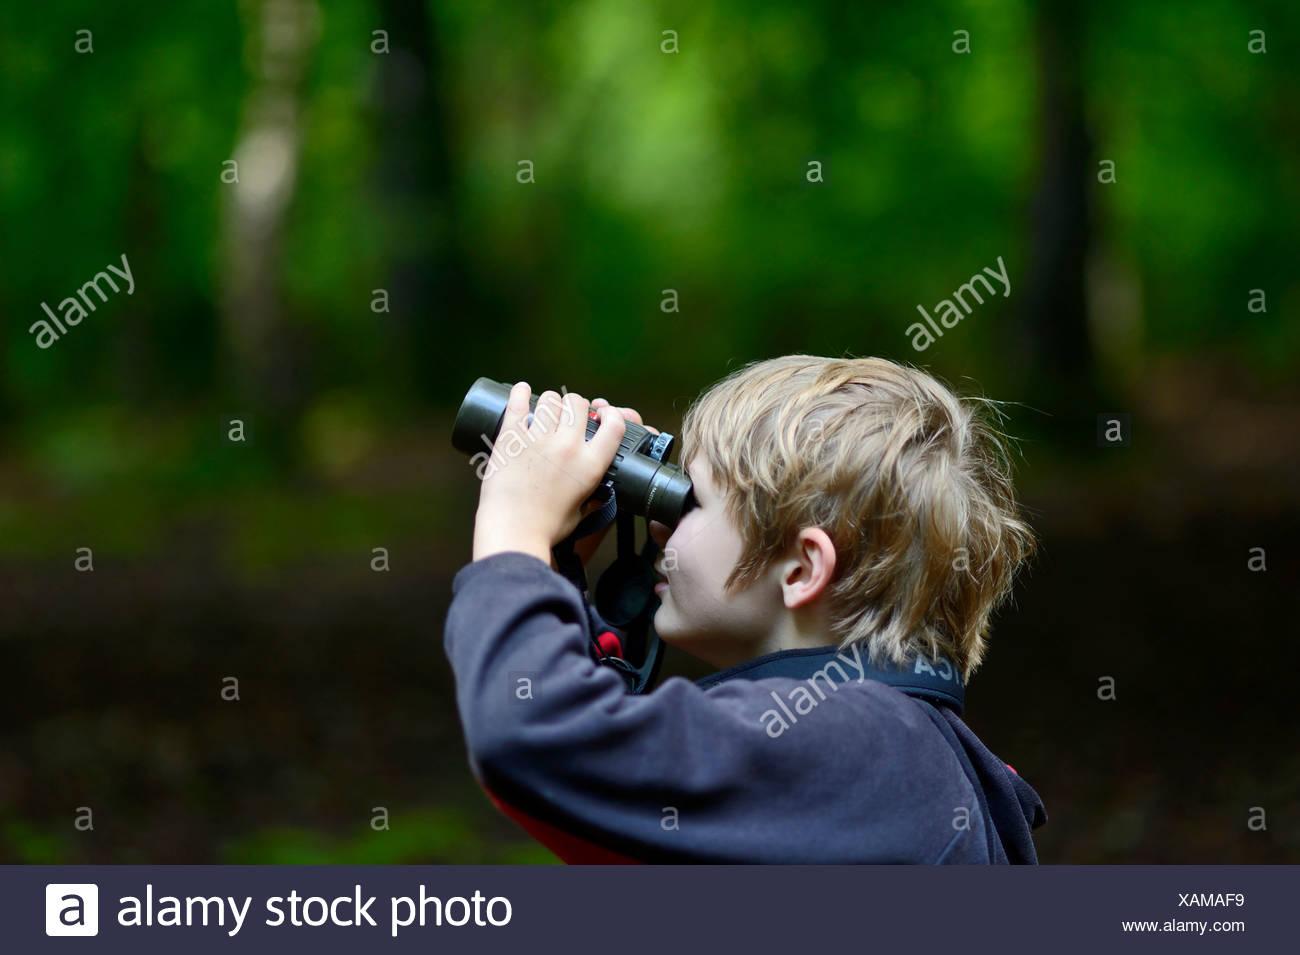 Junge Vögel beobachten im Wald Norfolk Sommer Modell veröffentlicht Stockbild